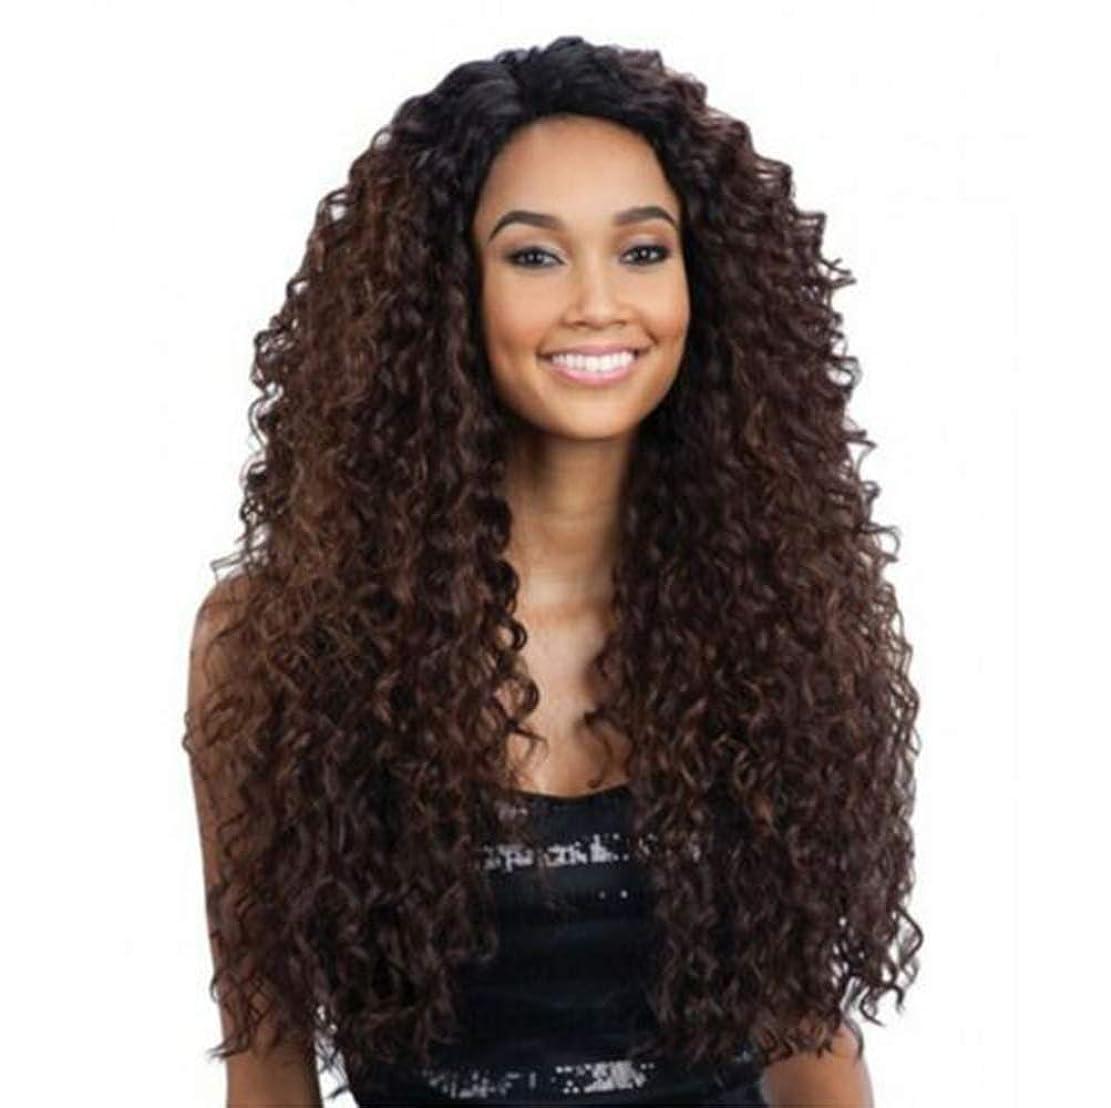 増幅する叫ぶあえてフロントレースの女性ロングカーリー変態波状かつら合成耐熱繊維毛髪かつら黒26インチ